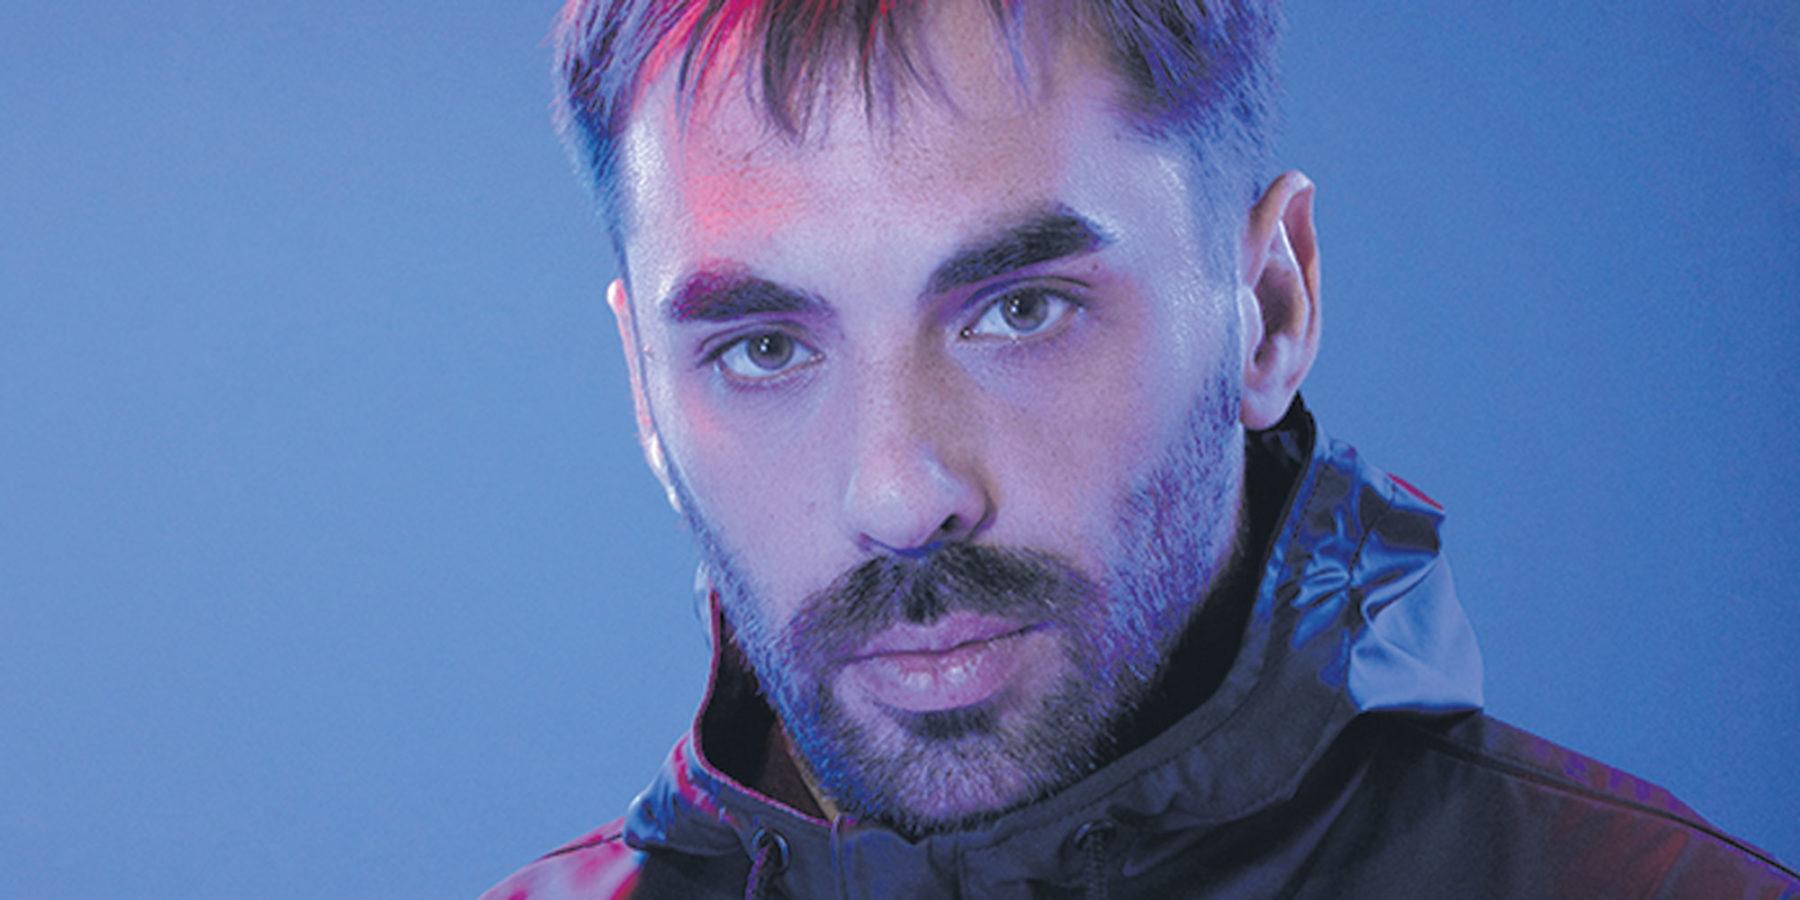 Le rappeur Gringe en concert au Radiant-Bellevue - Groupe Com'Unique